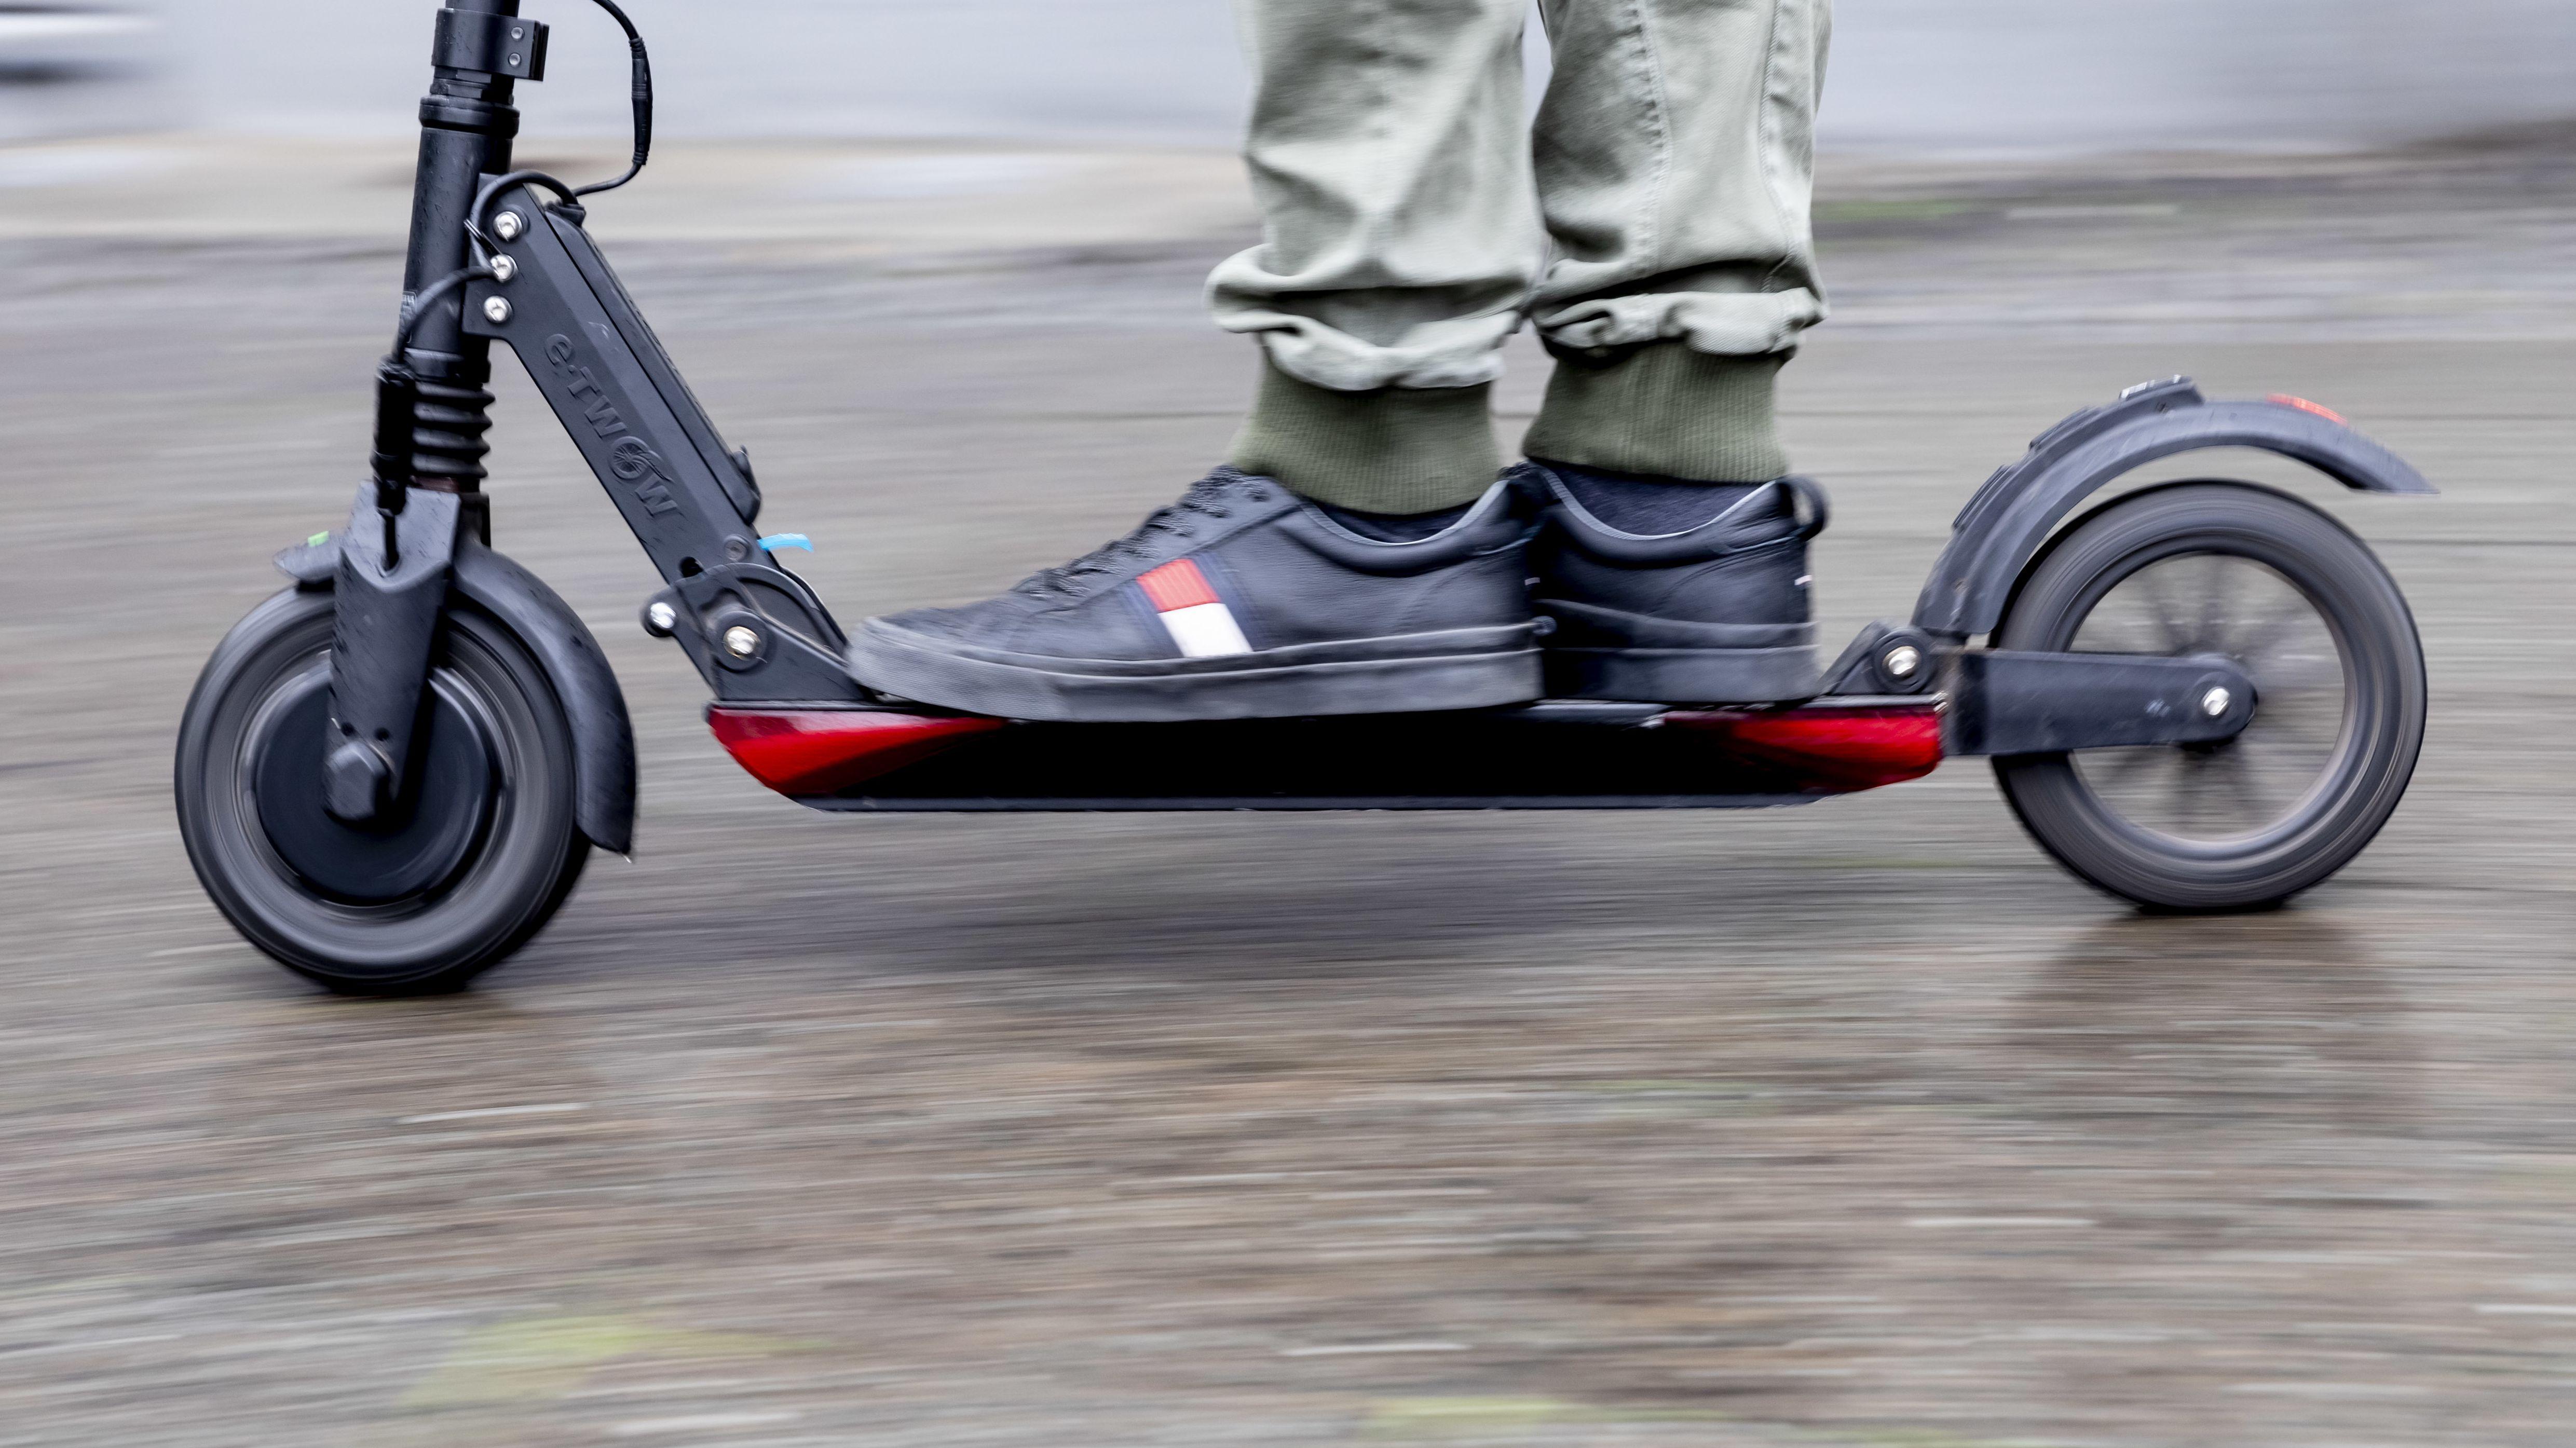 Mensch fährt auf E-Scooter